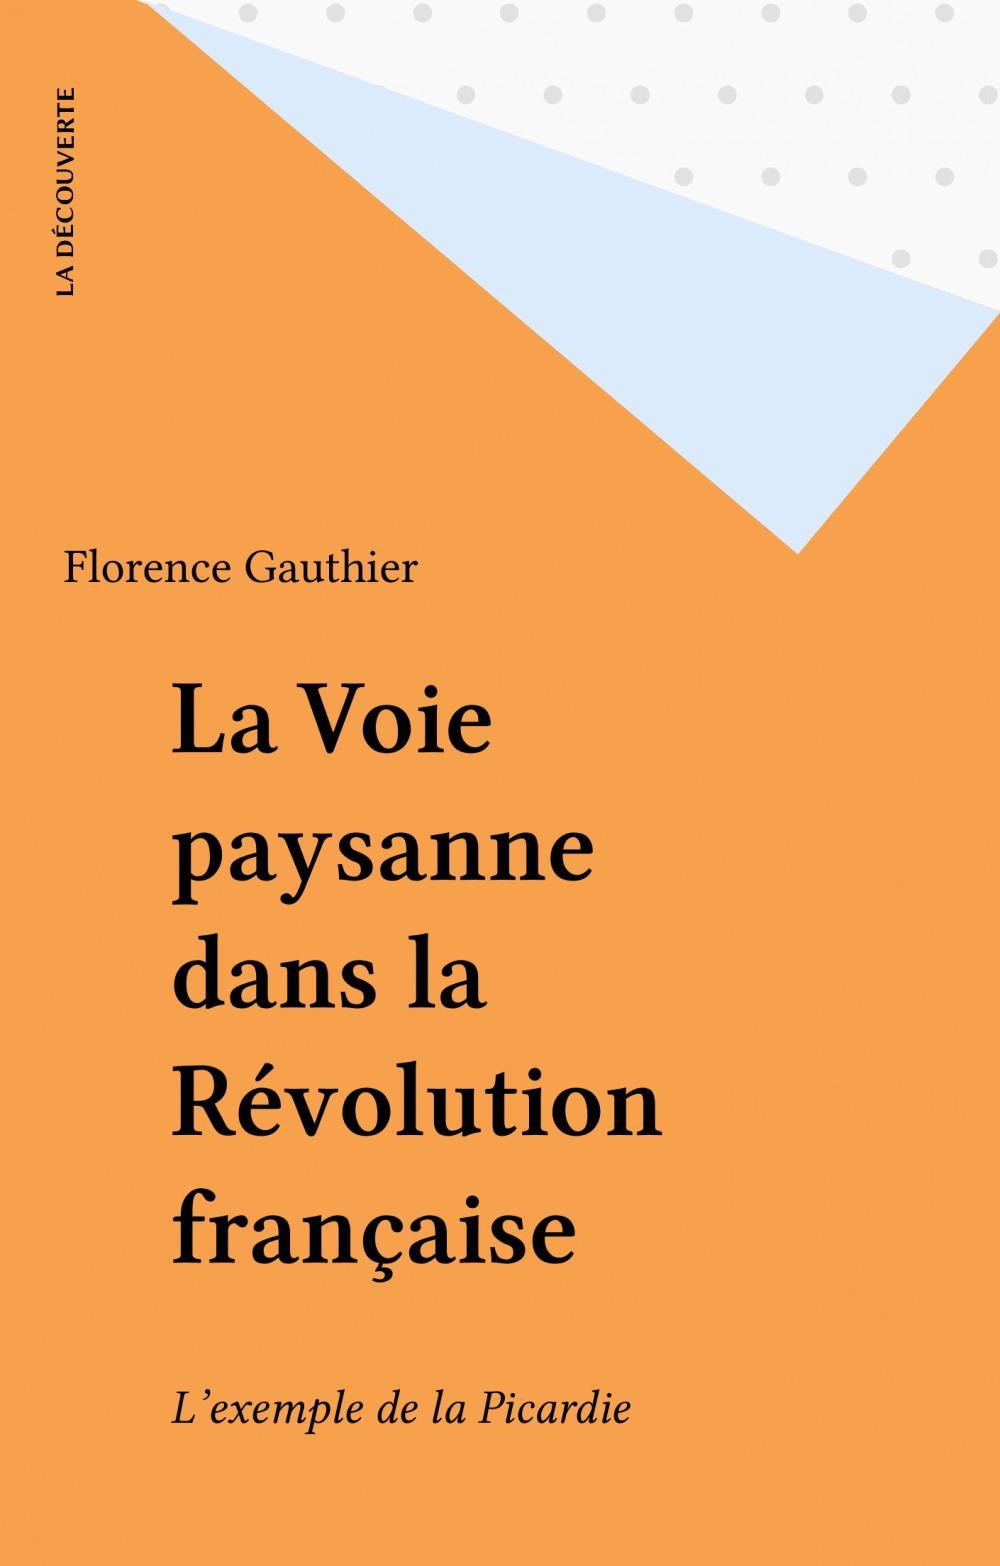 La voie paysanne dans la Révolution française